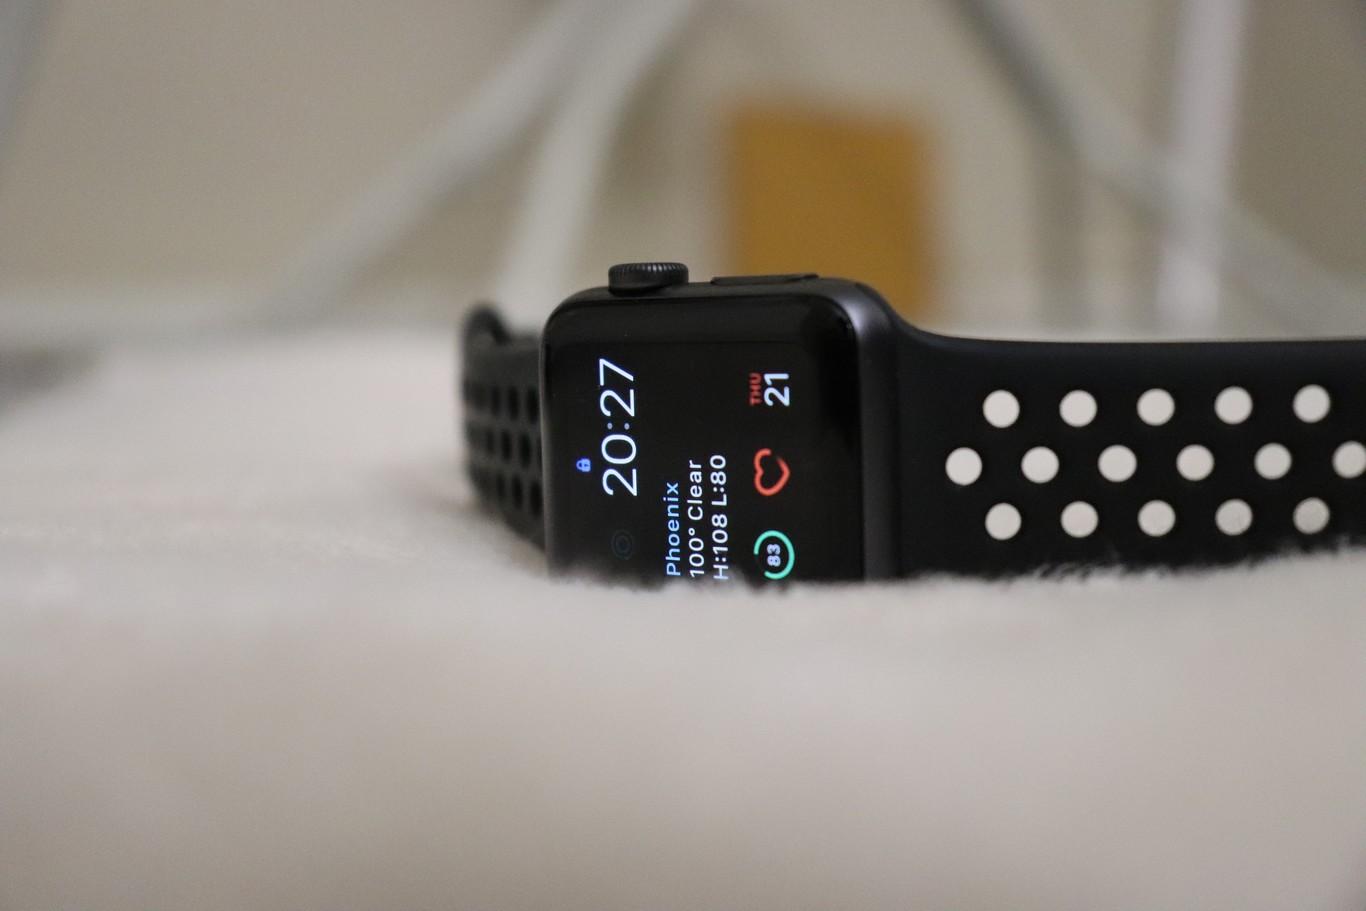 Cuando las baterías seamos nosotros: los avances en nanogeneración triboeléctrica quieren definir el futuro los wearables